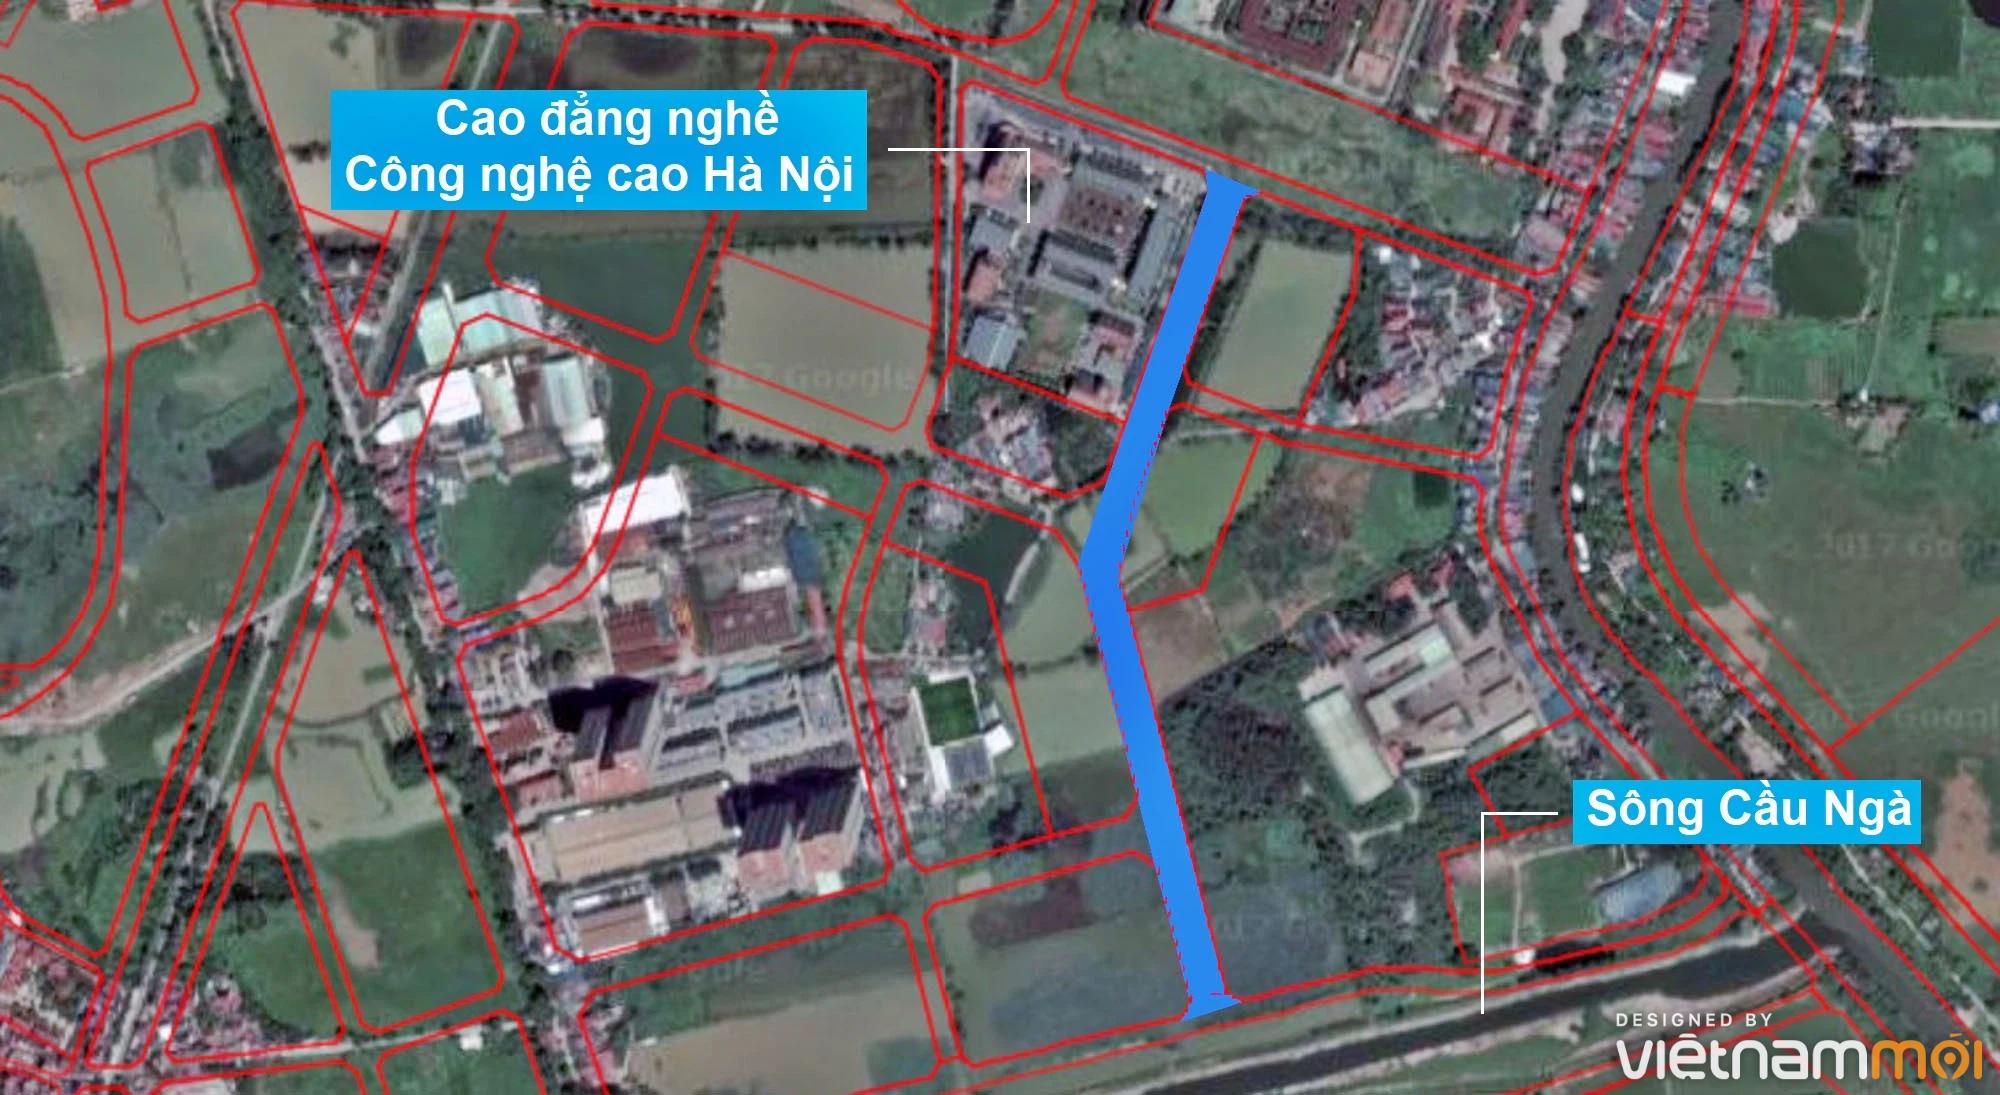 Những khu đất sắp thu hồi để mở đường ở phường Tây Mỗ, Nam Từ Liêm, Hà Nội (phần 1) - Ảnh 7.